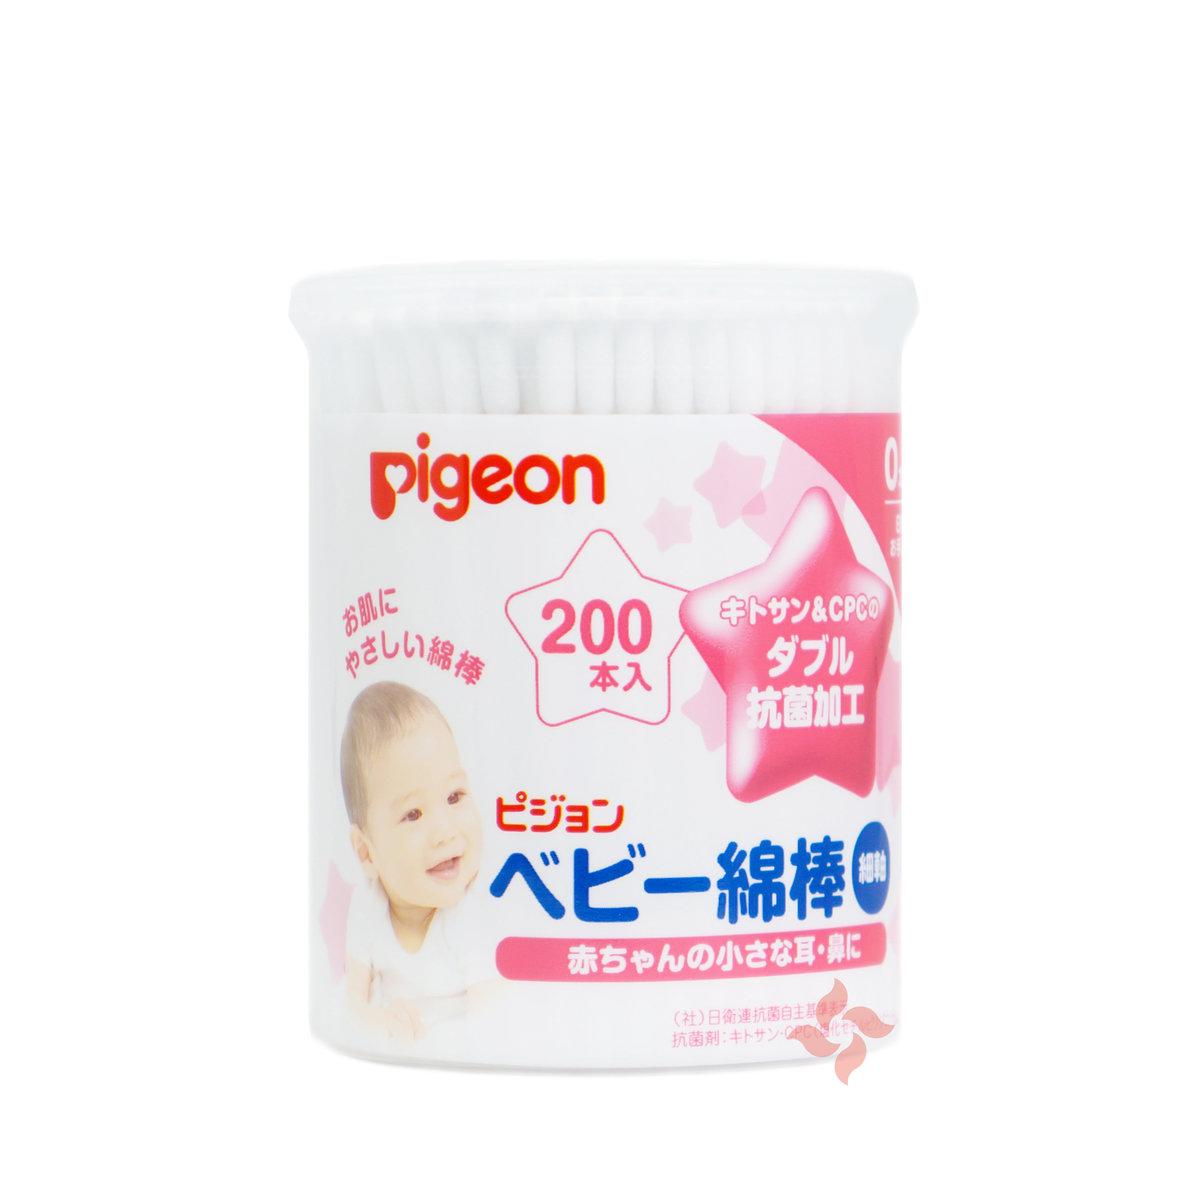 嬰兒抗菌細軸型棉棒清潔嬰兒耳鼻用 (200支) (4902508101219)